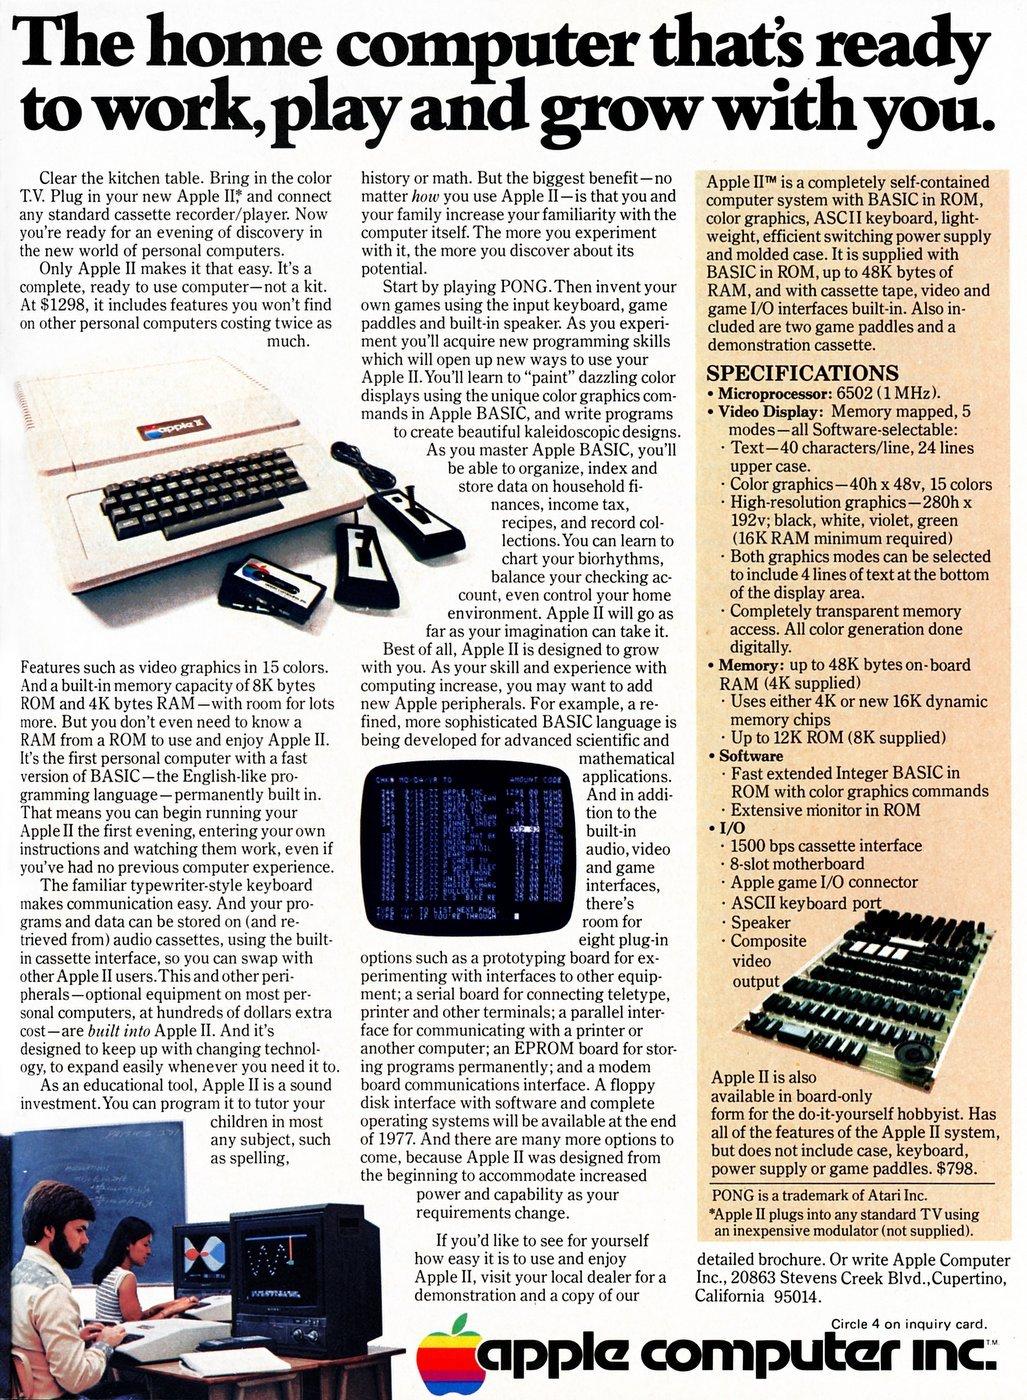 An Apple II advertisement from December 1977